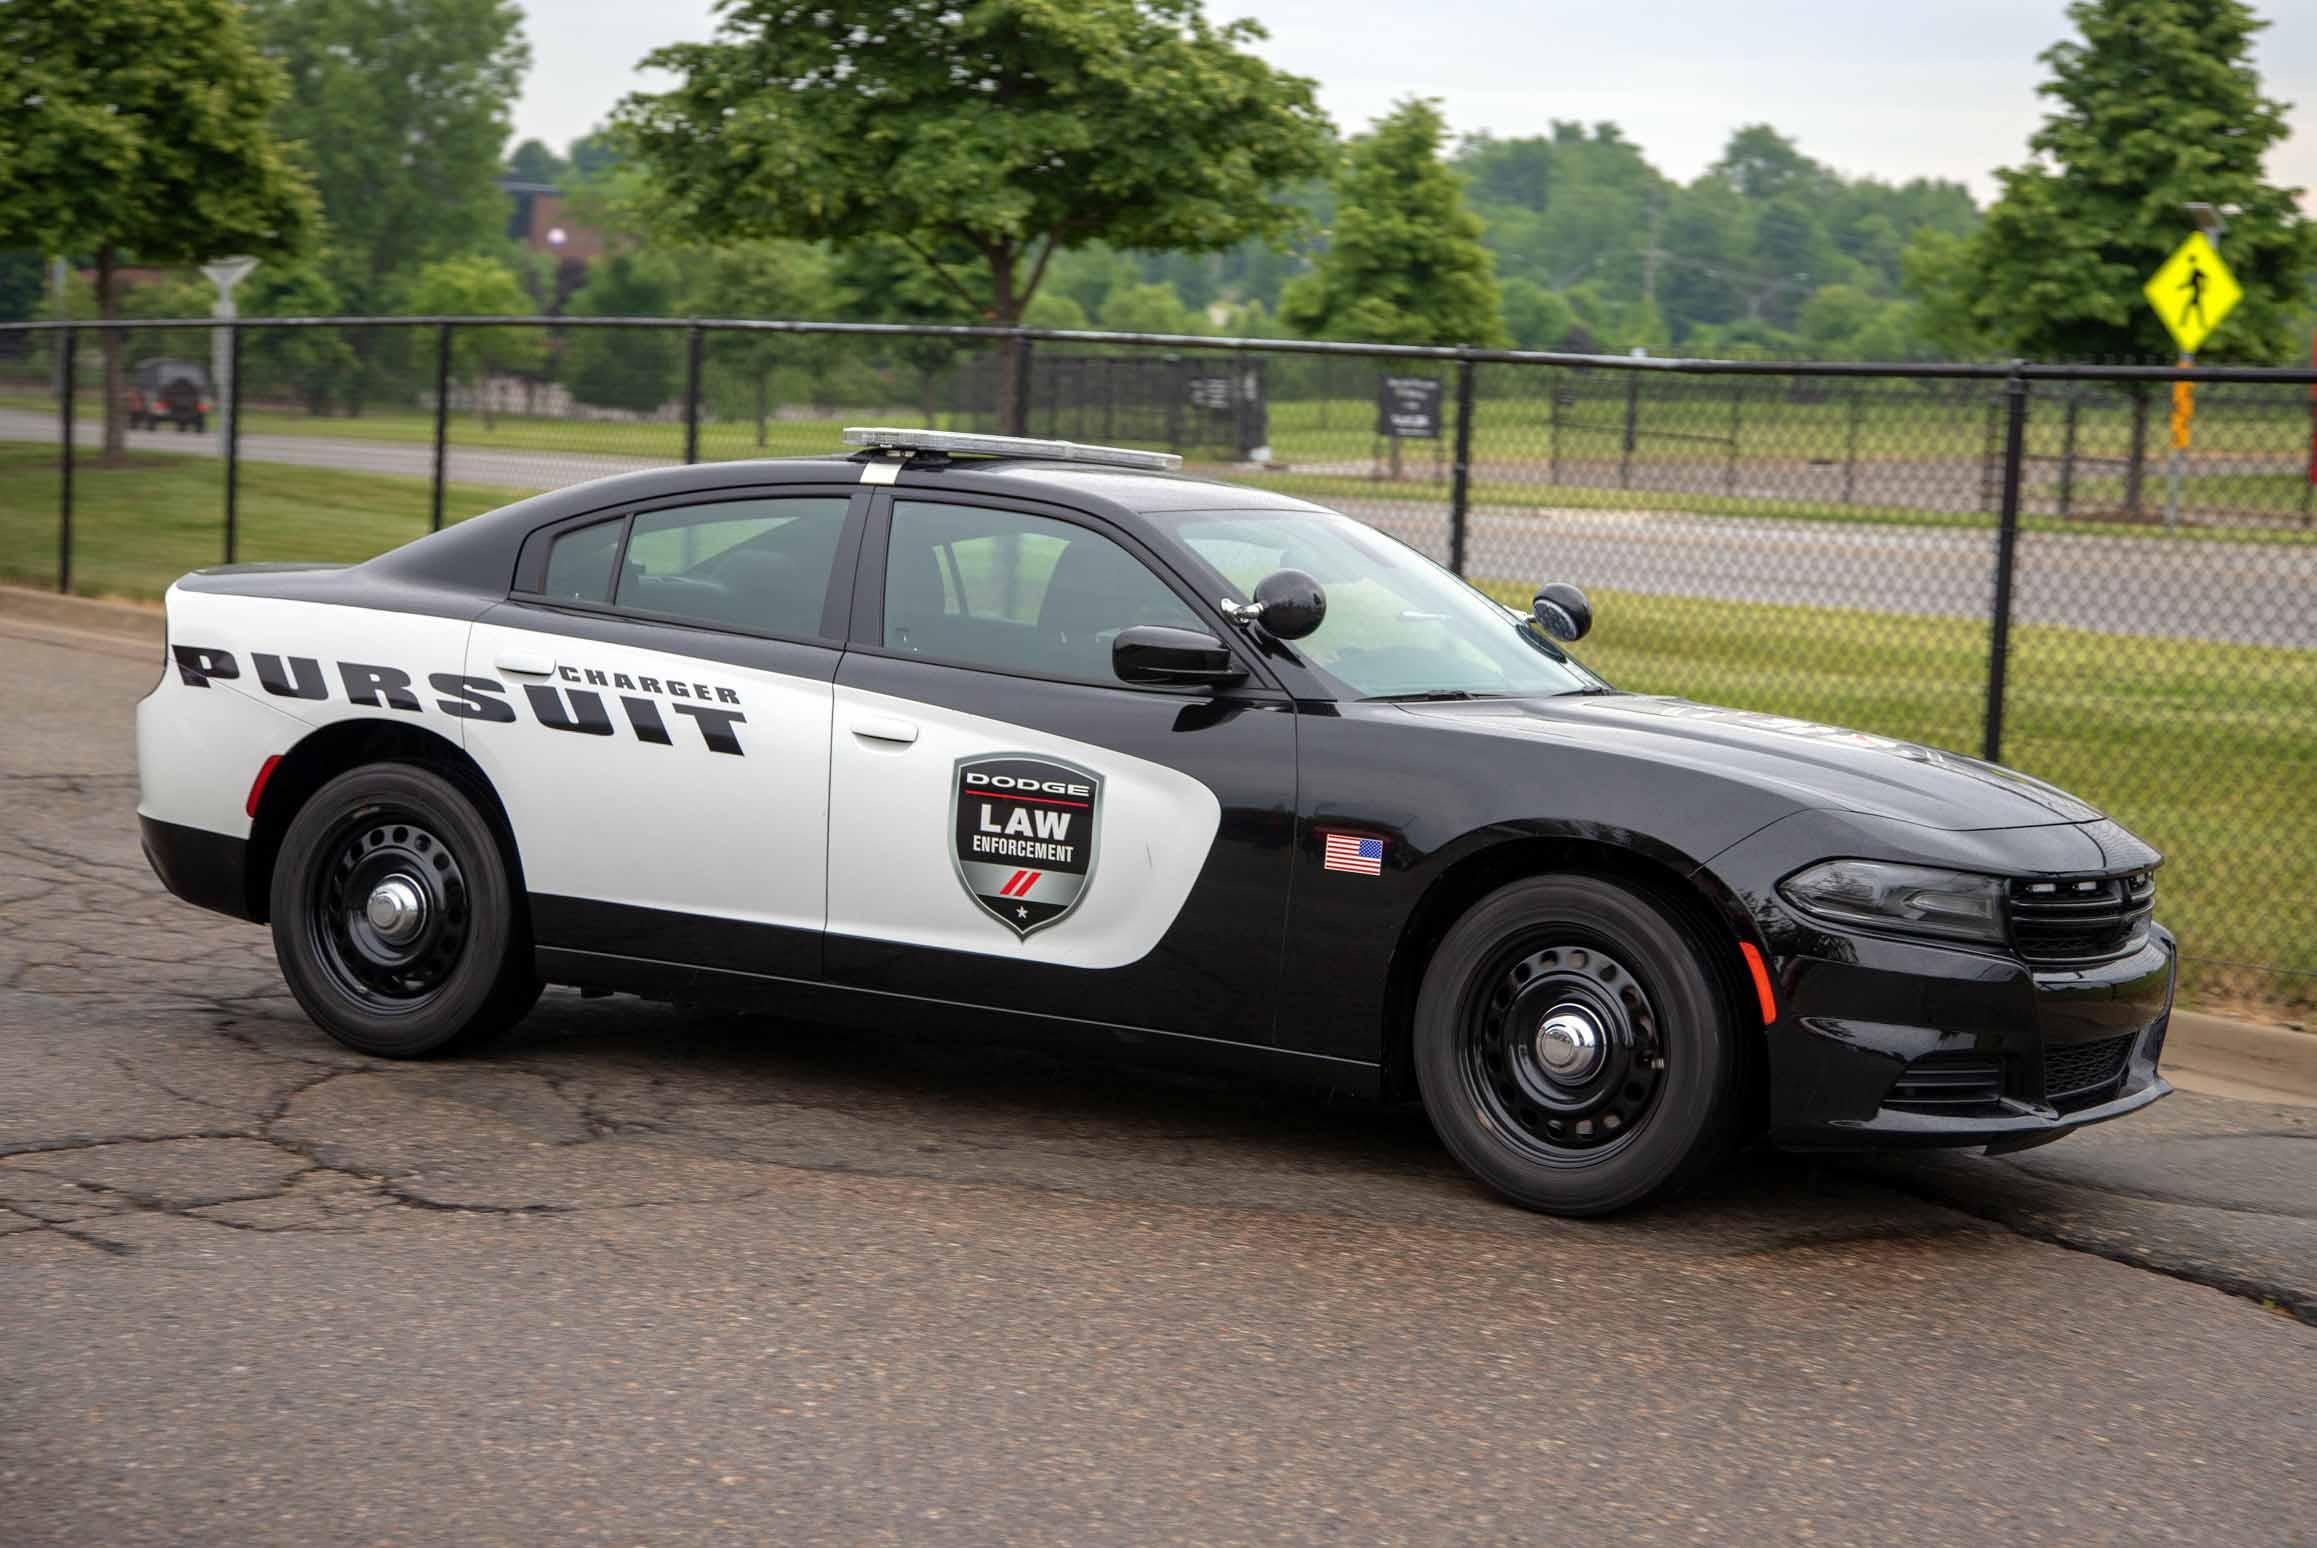 Dodge Charger Pursuit >> Dodge Charger Pursuit Gets Minor Improvements For 2019 Mopar Insiders